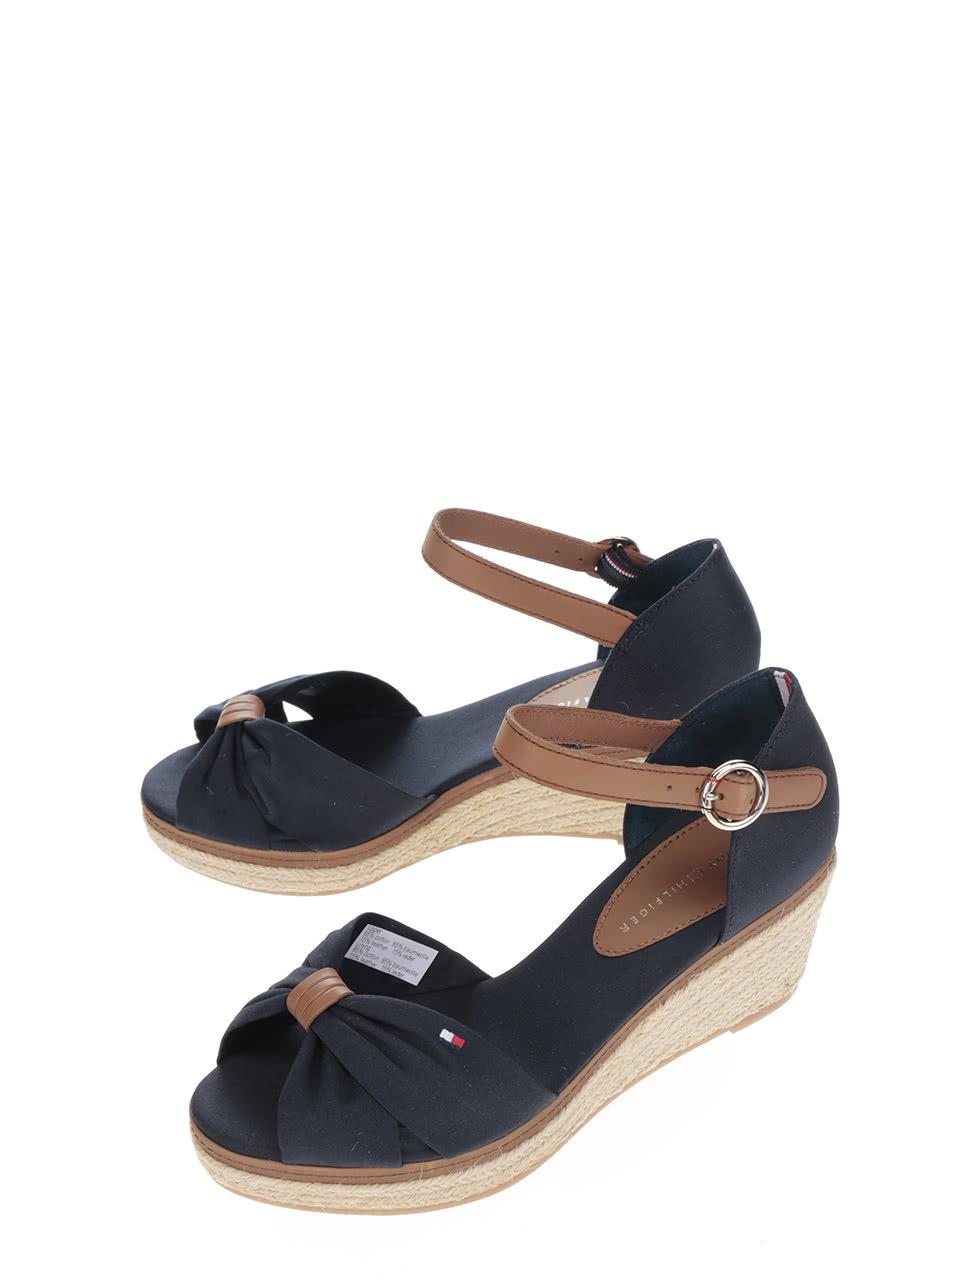 4a419a4de619 Čierne dámske topánky na klinovom podpätku Tommy Hilfiger ...